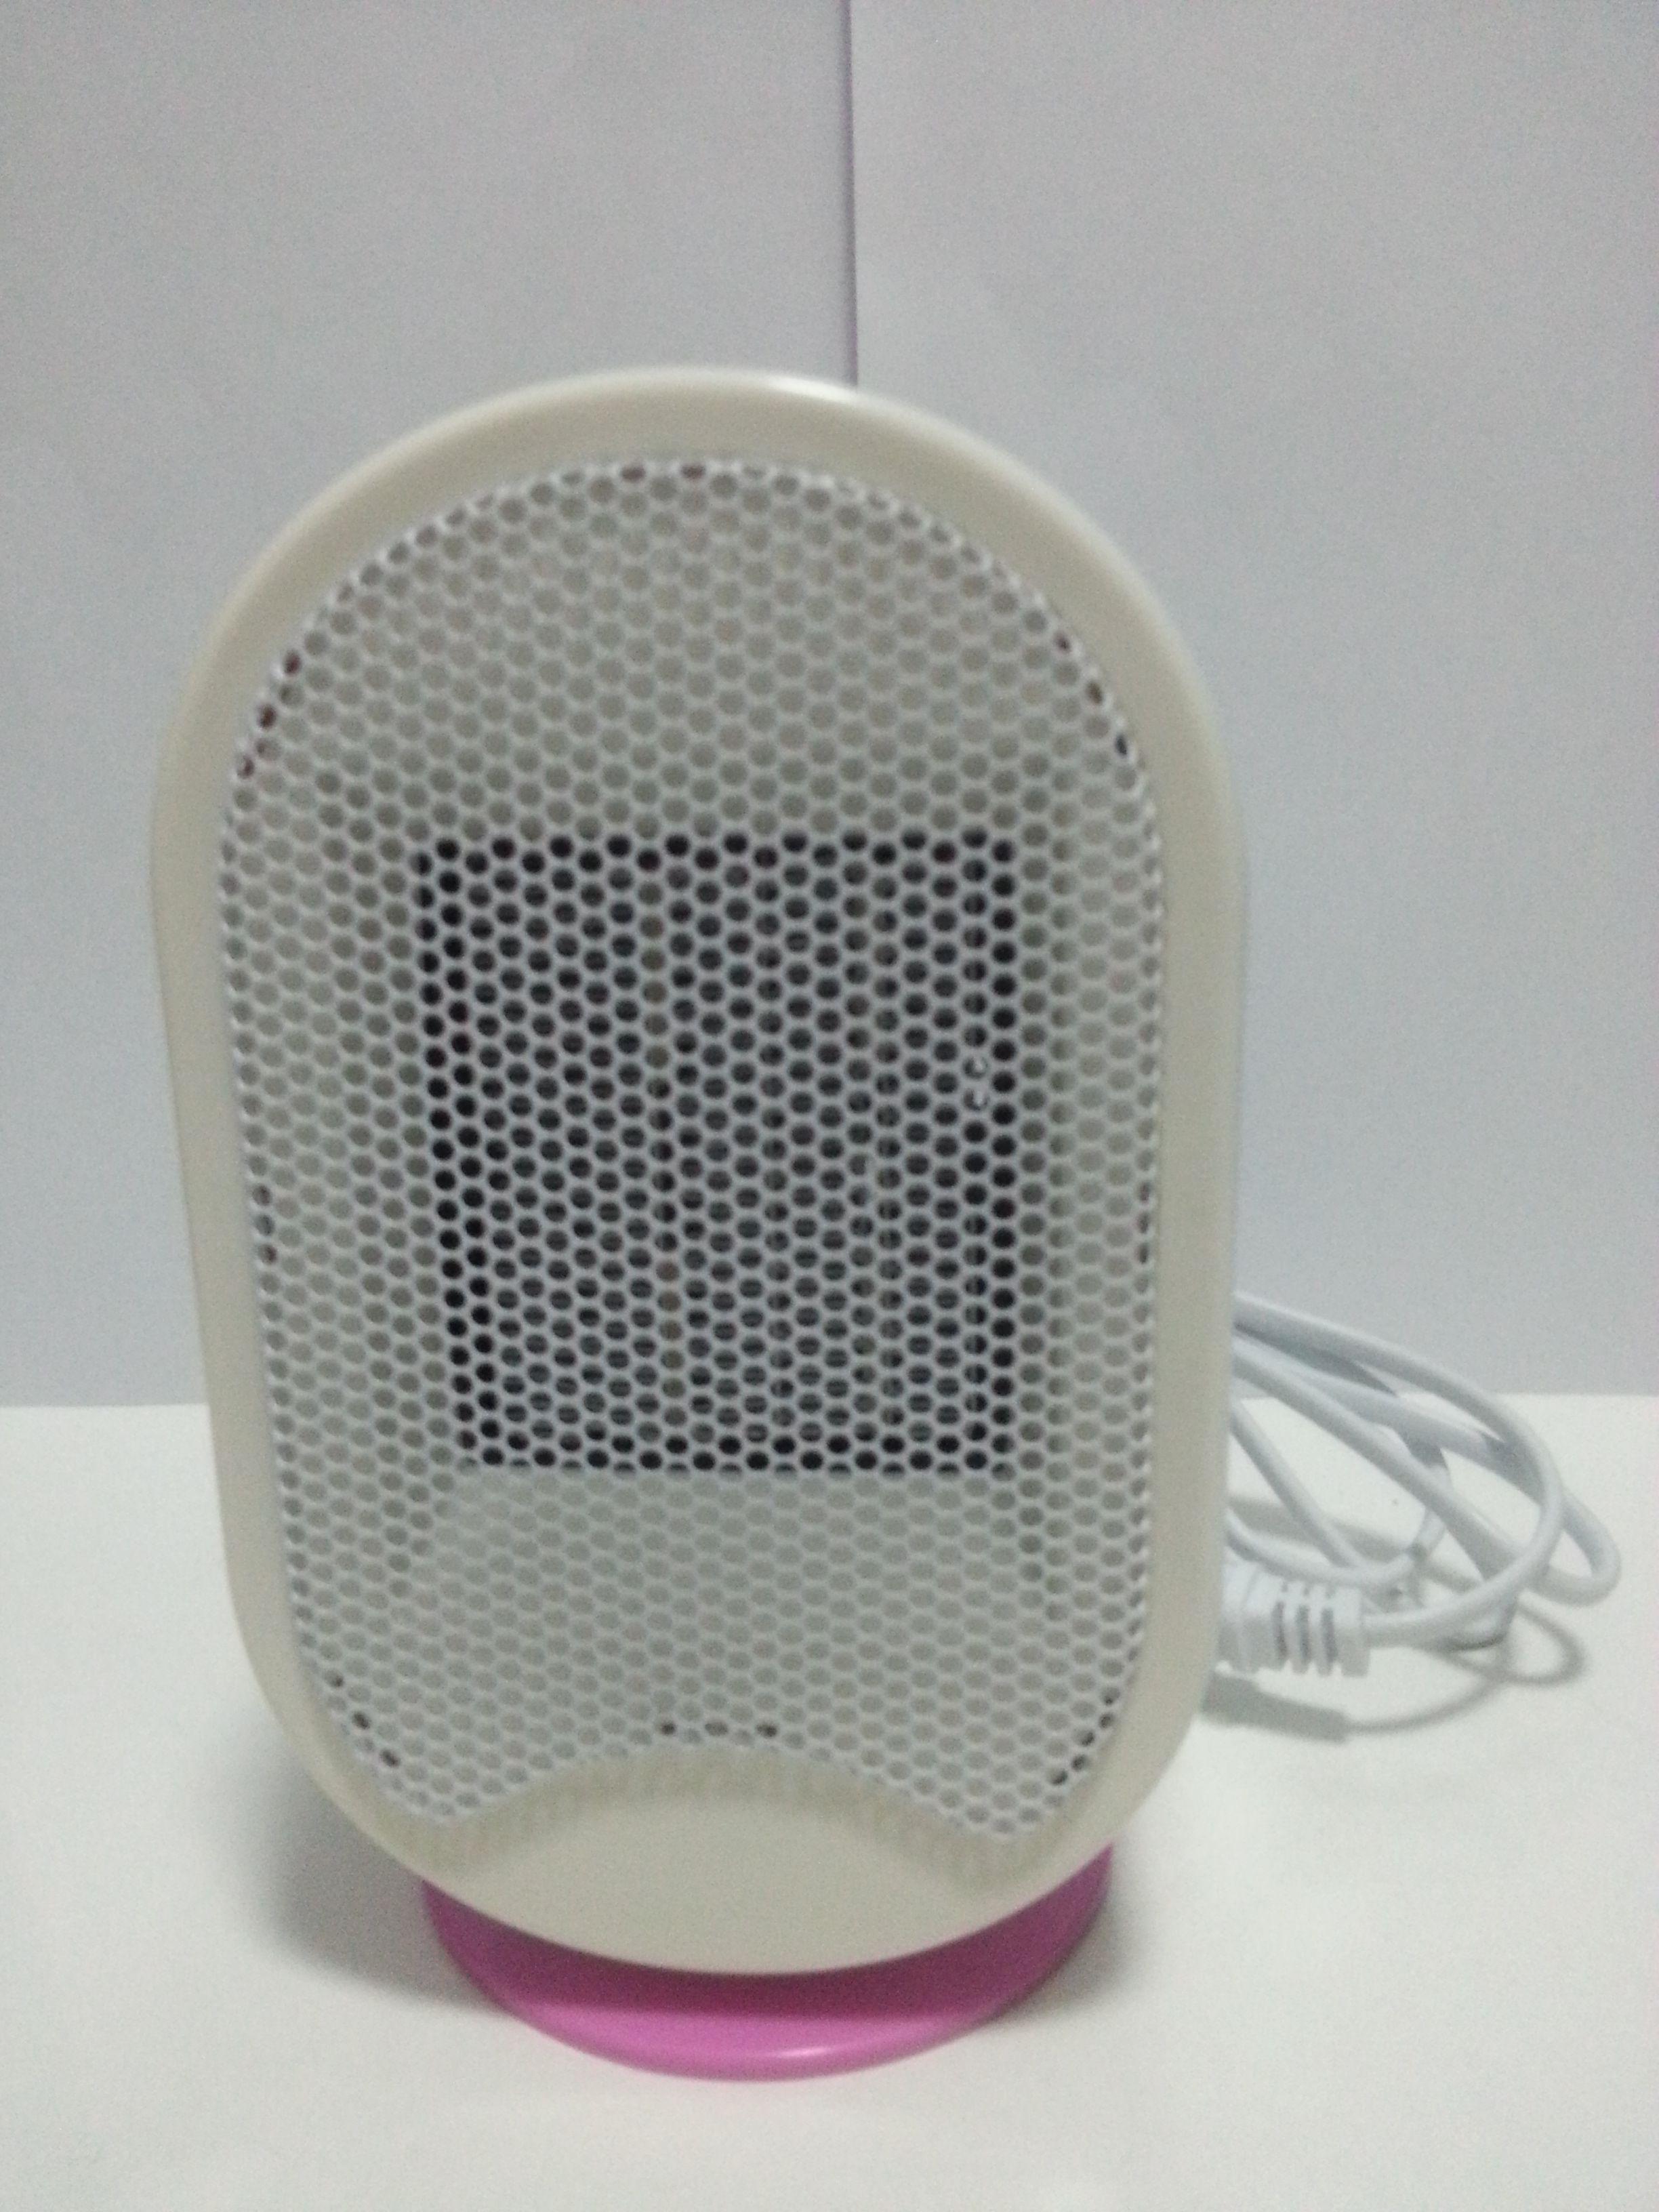 MinF02-3, envío gratis, calentador portátil, suministro de fábrica directamente en el hogar de invierno saling caliente AC220V, mini calentador de escritorio eléctrico